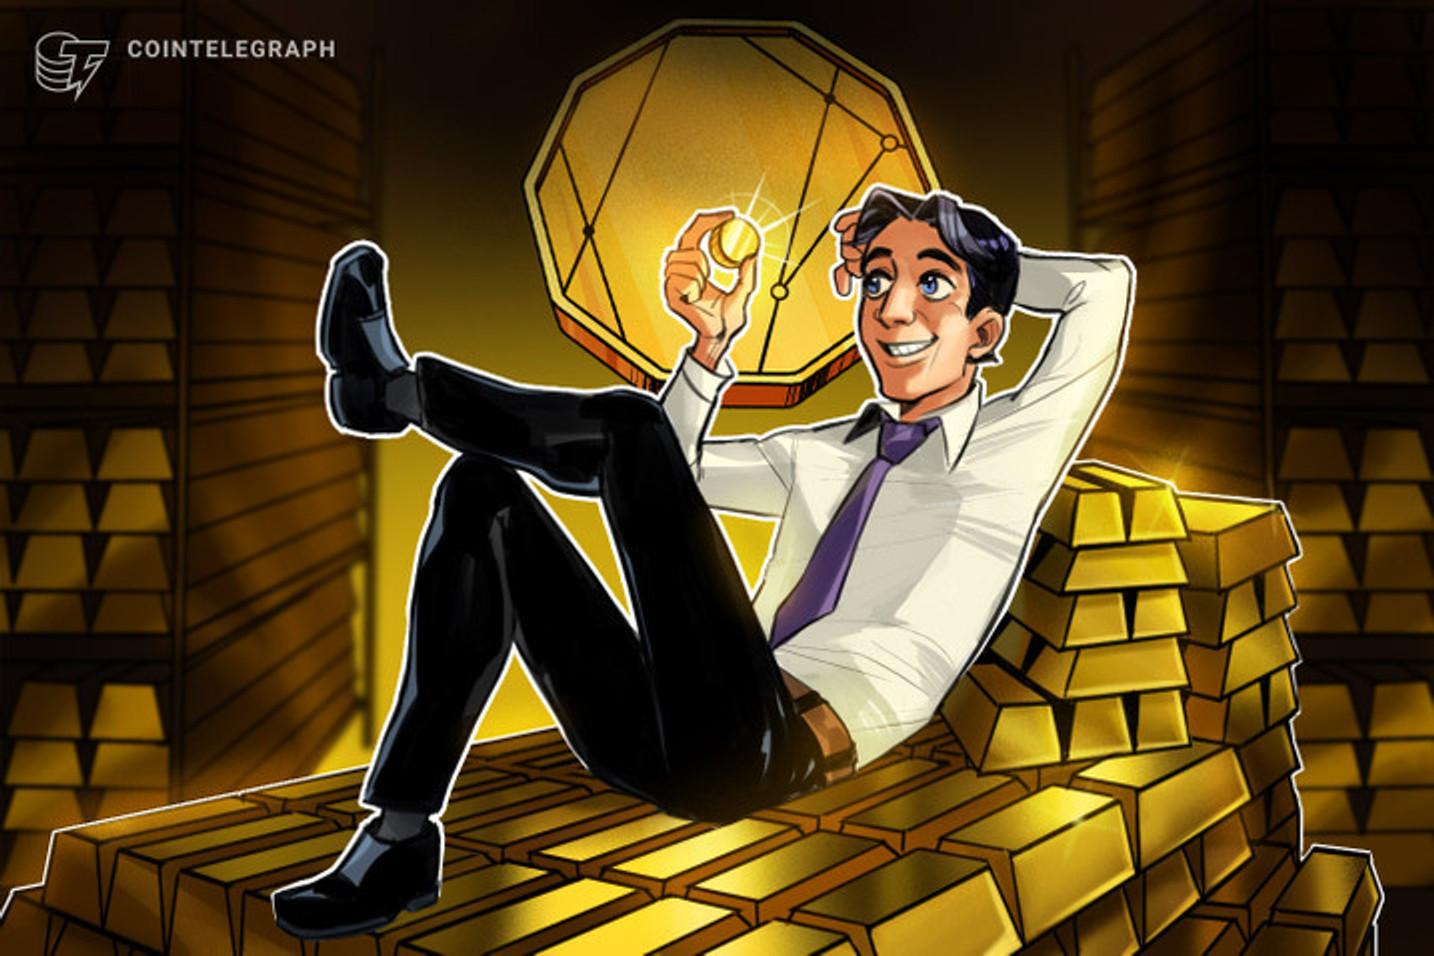 Bilionários ficam mais ricos no Brasil e aumentam fortuna em US$ 34 bilhões em plena crise financeira